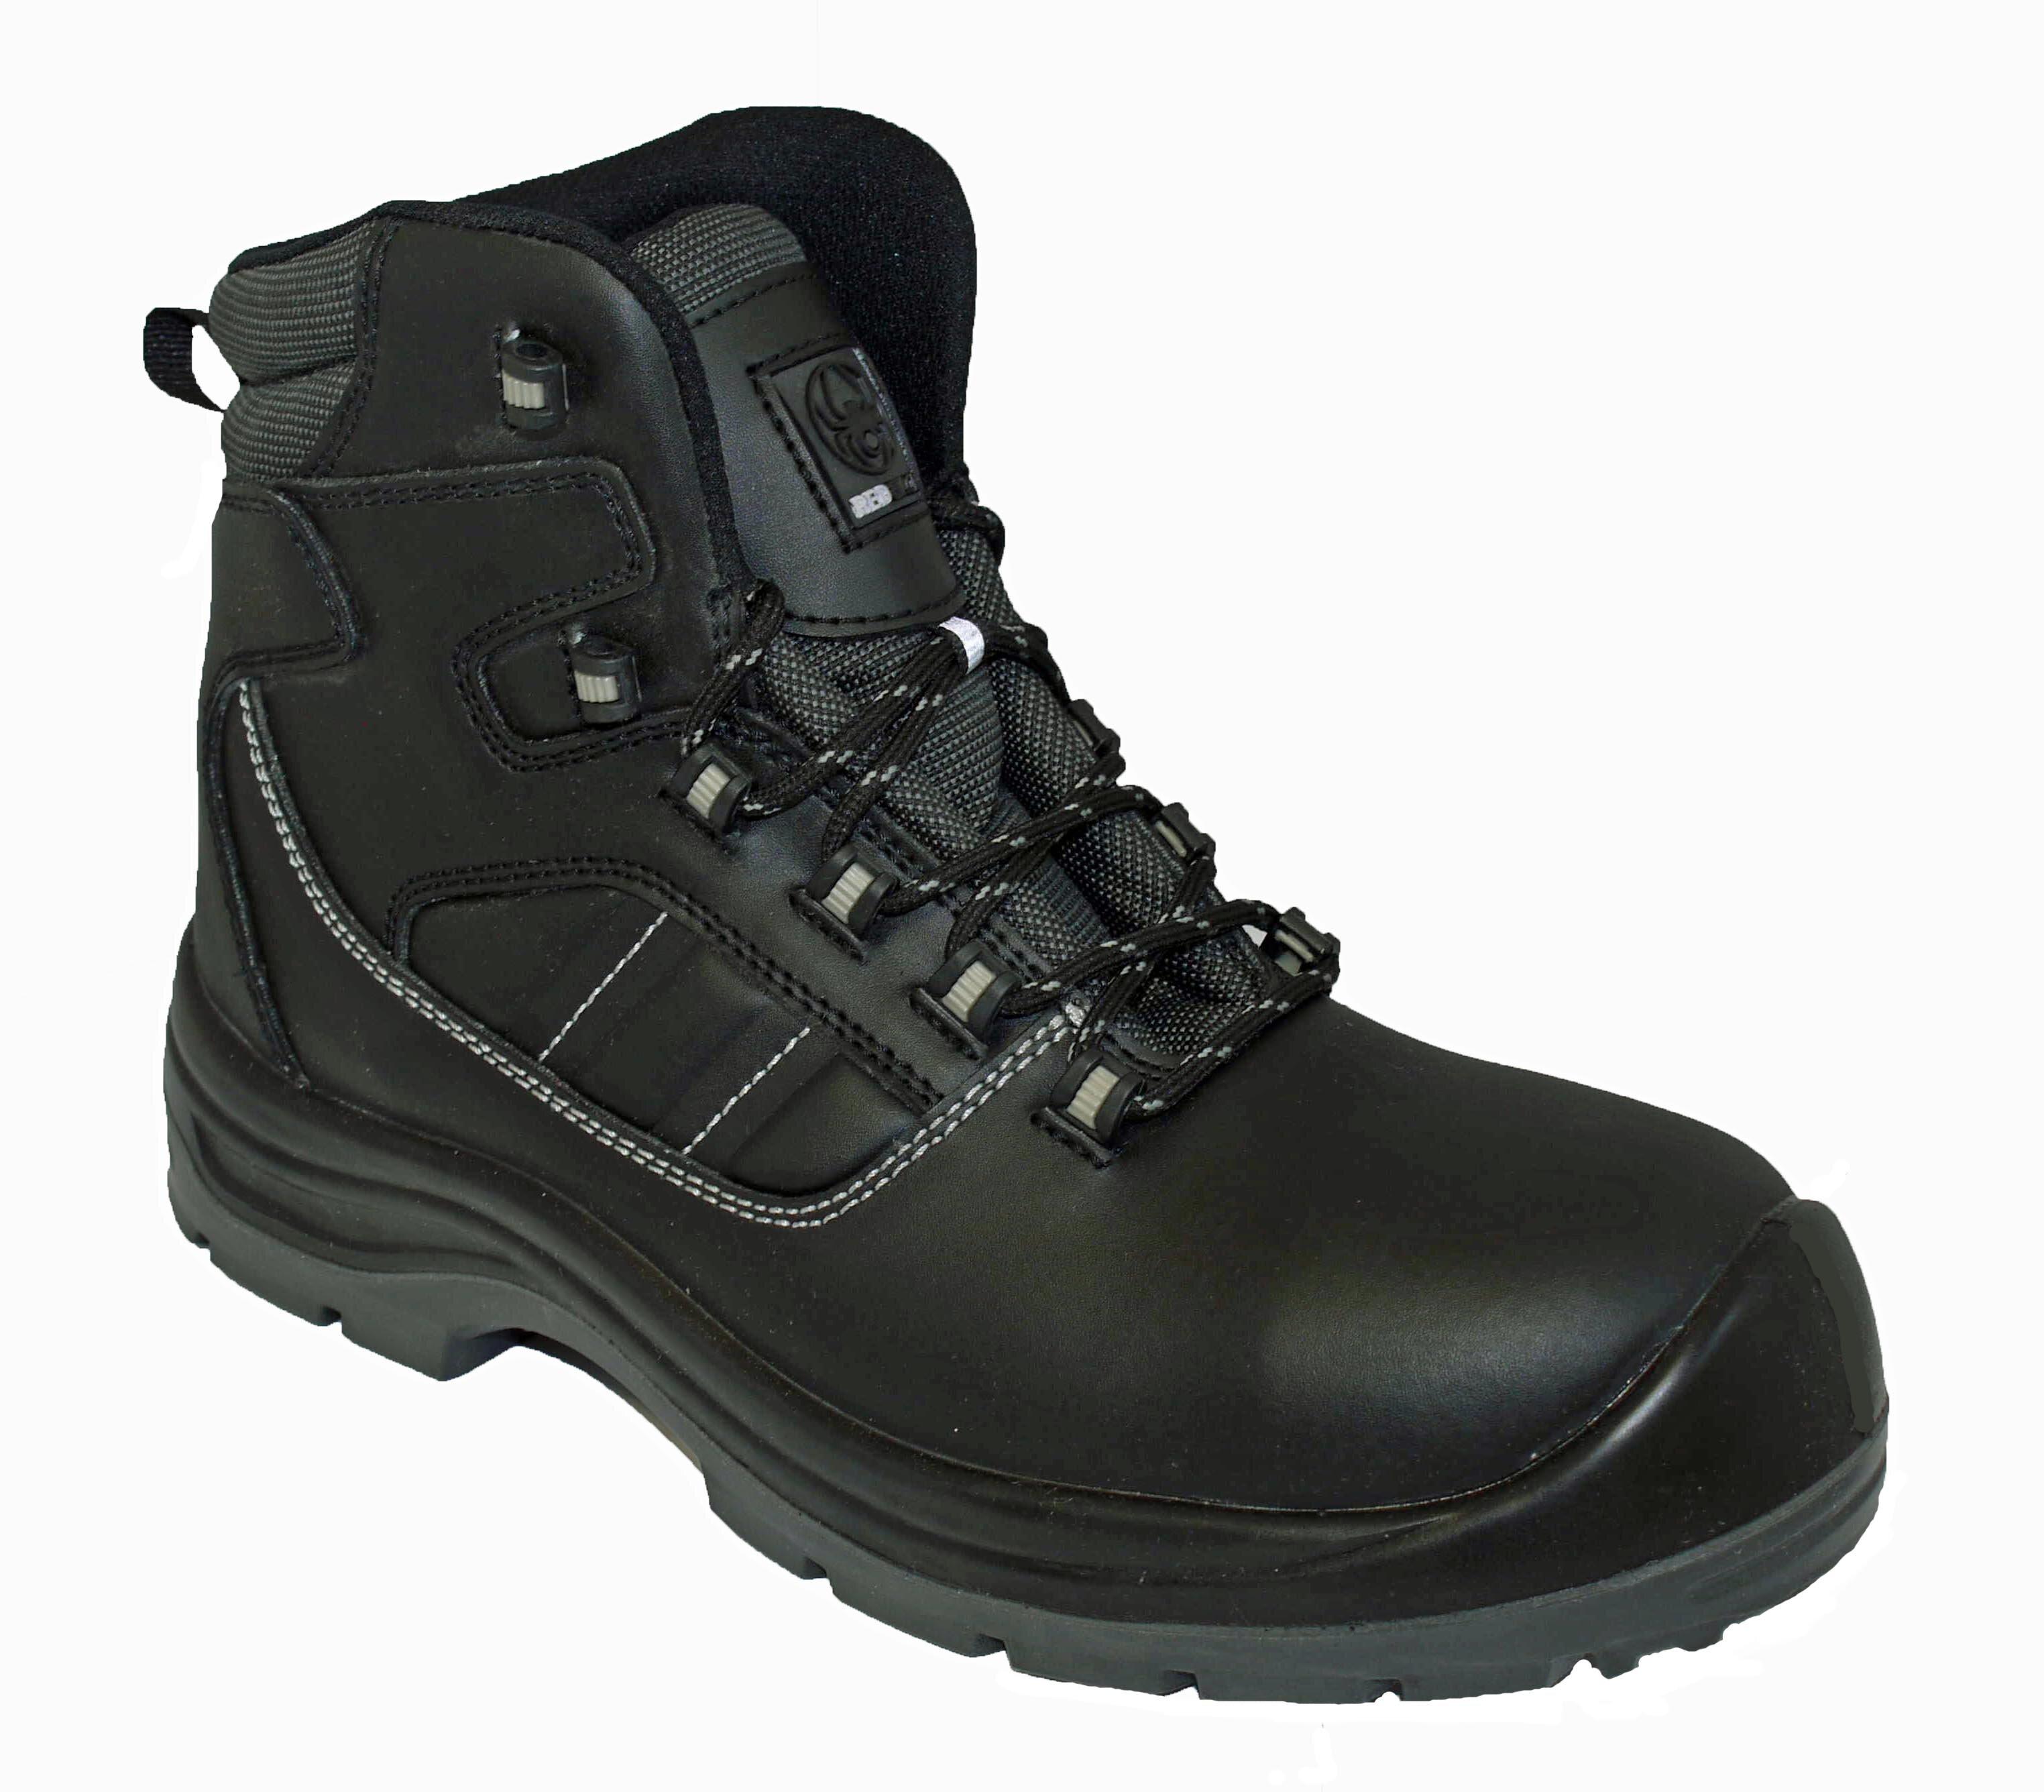 REDBACK Platinum Non Metallic Safety Boot S3 SRC (Composite Toecap)